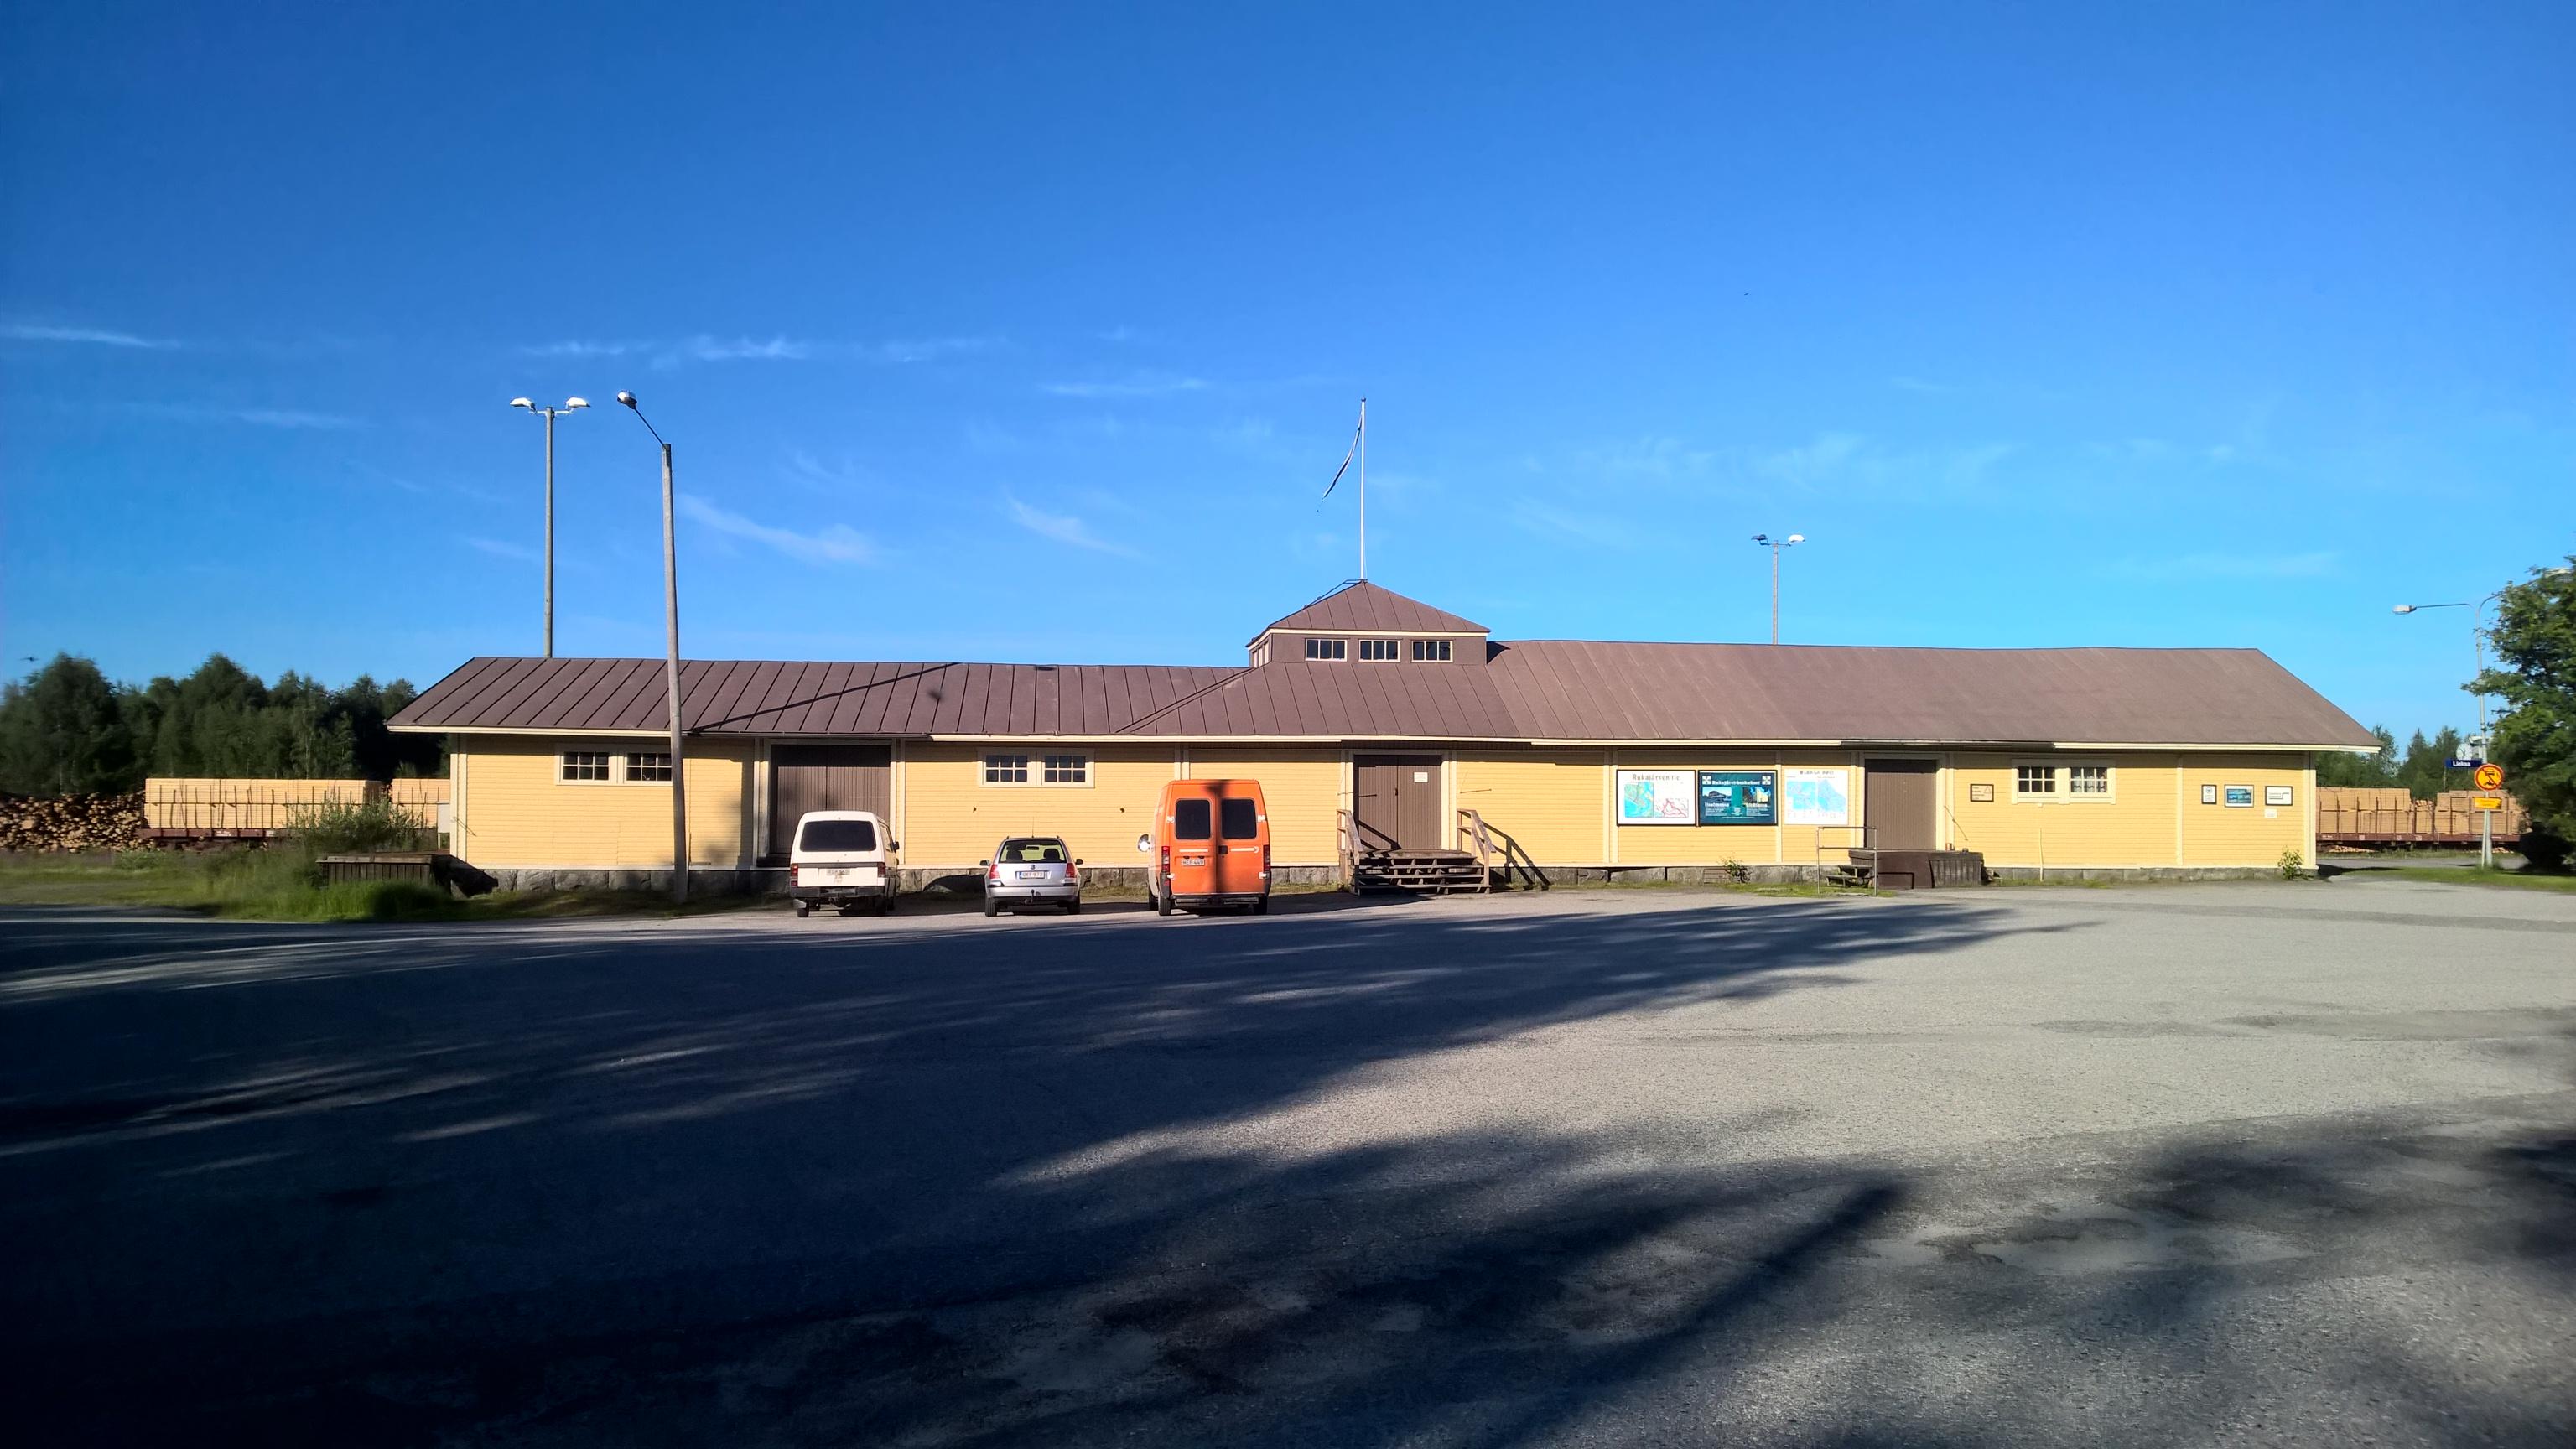 Rukajärvi-keskuksen piha-alue on yhdistyksen omistuksessa ja varattu keskuksen vieraita varten.